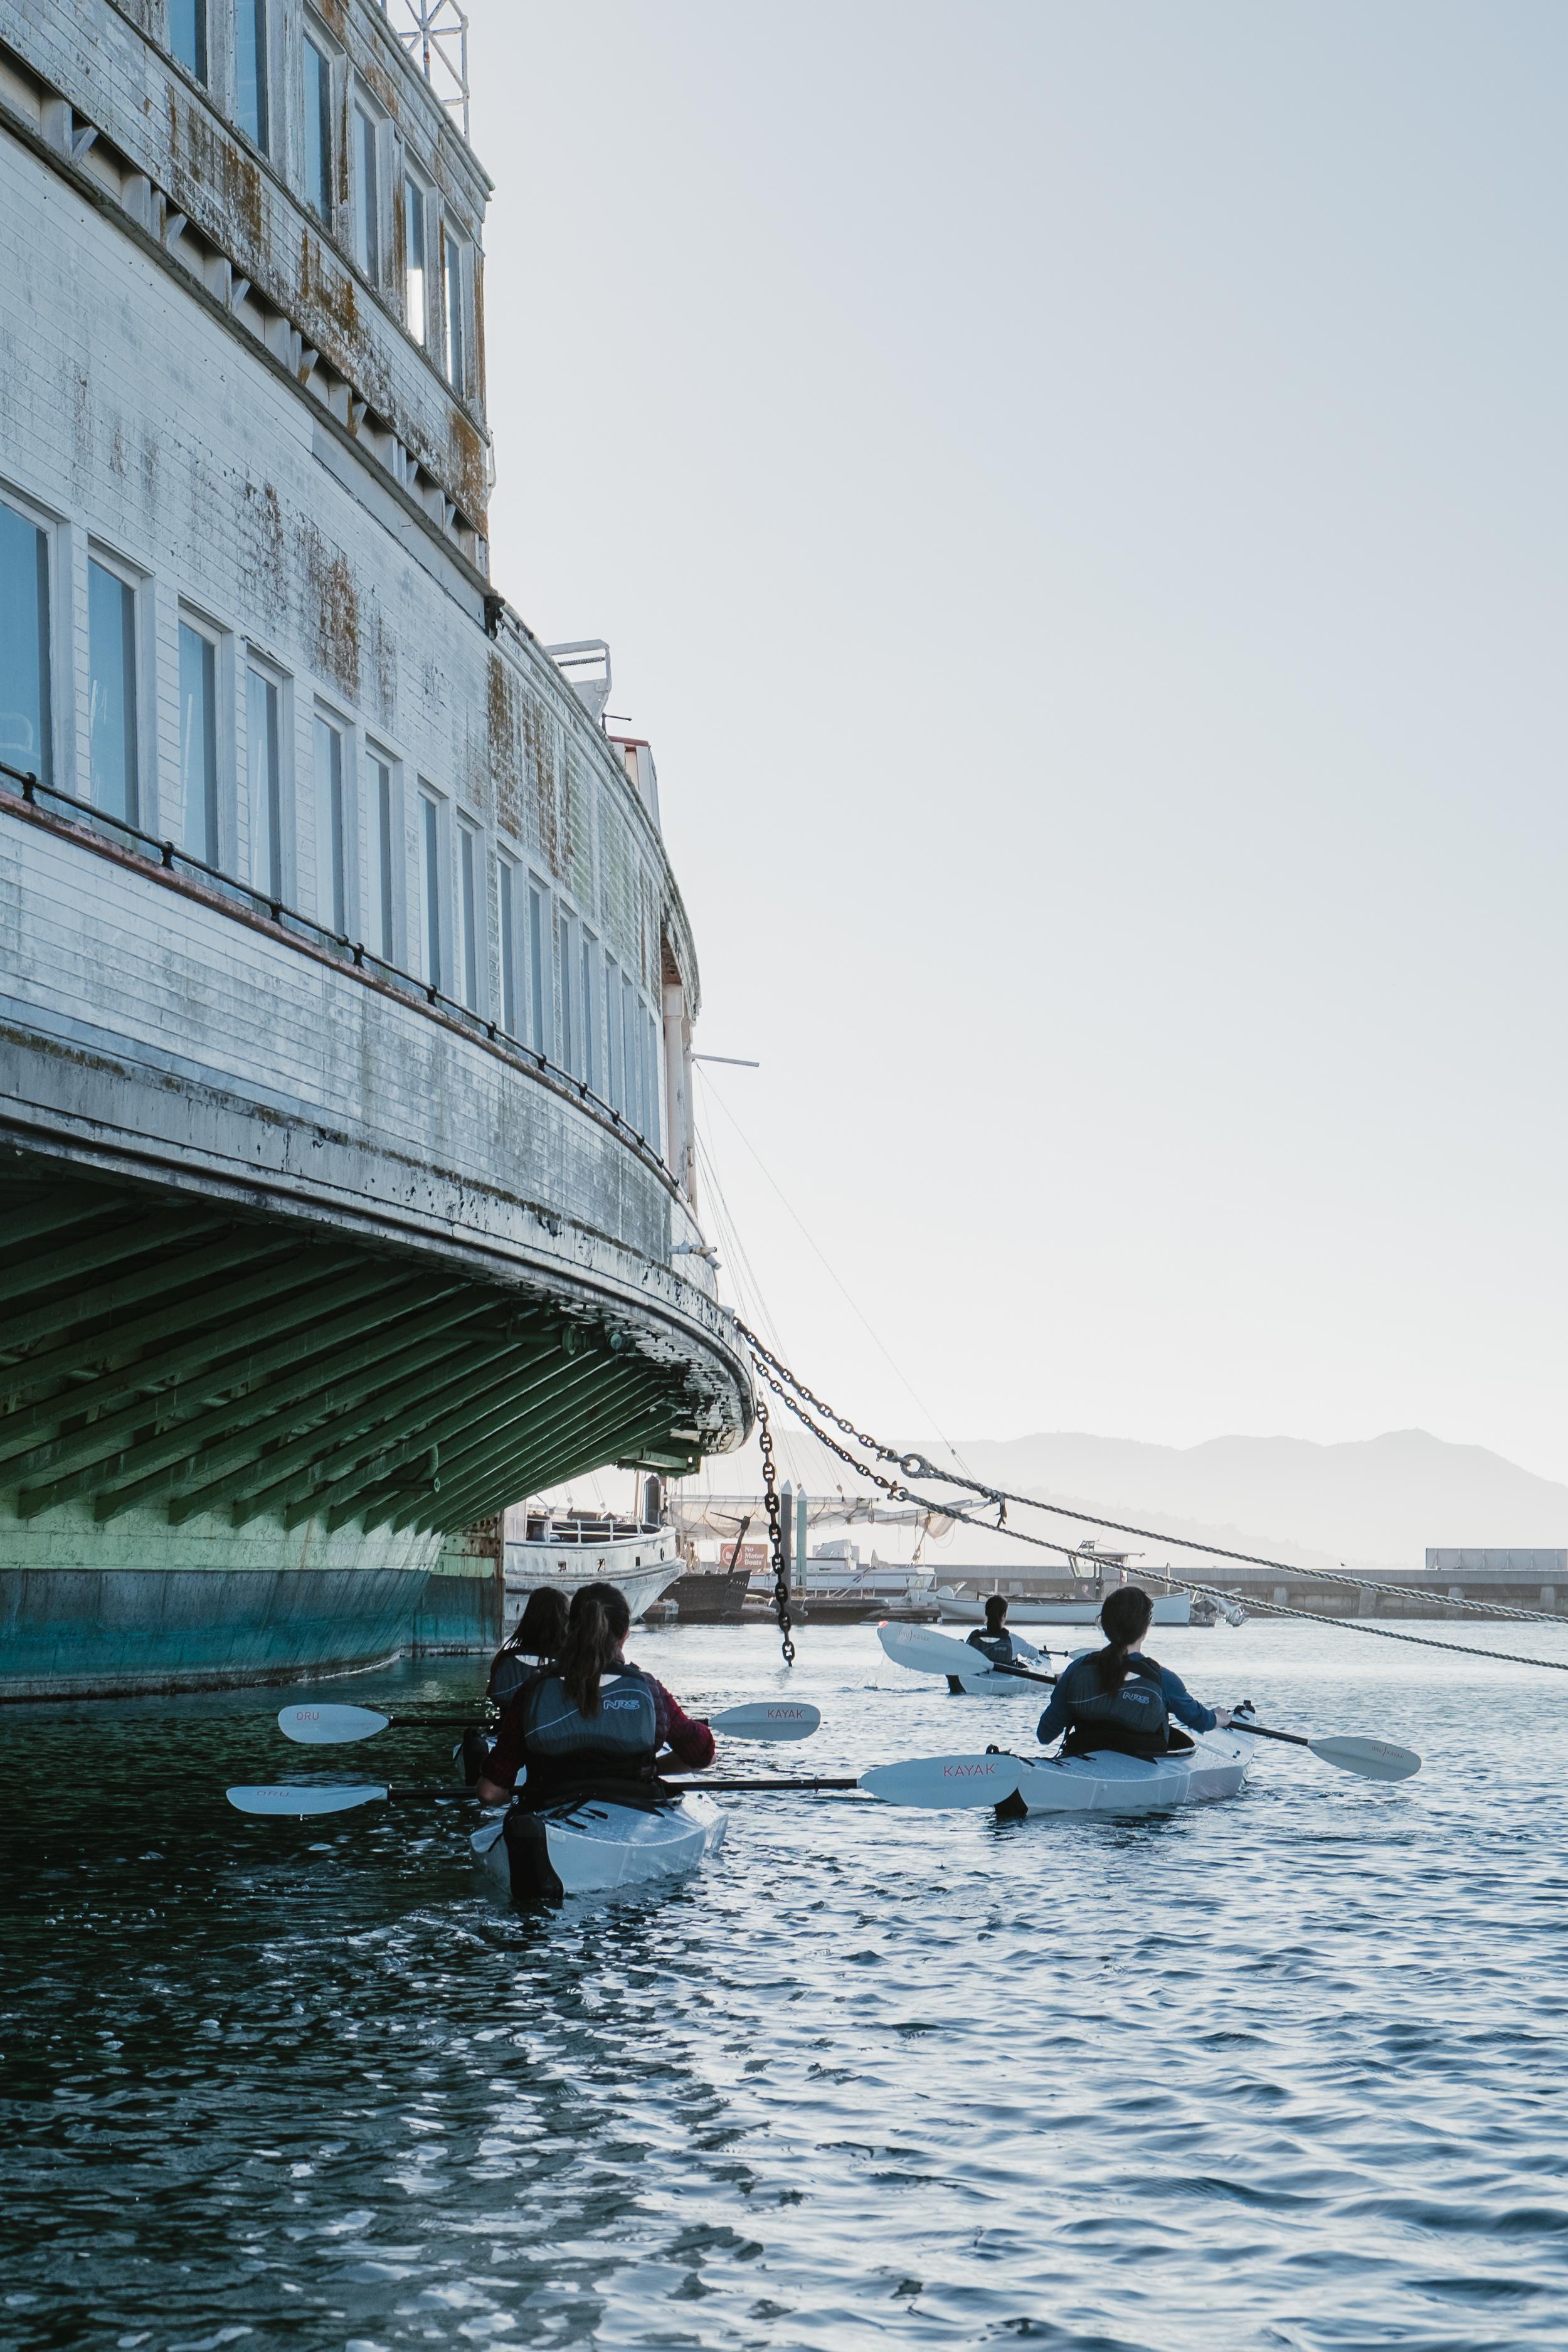 oru-kayak-she-explores-vivianchen-0013.jpg